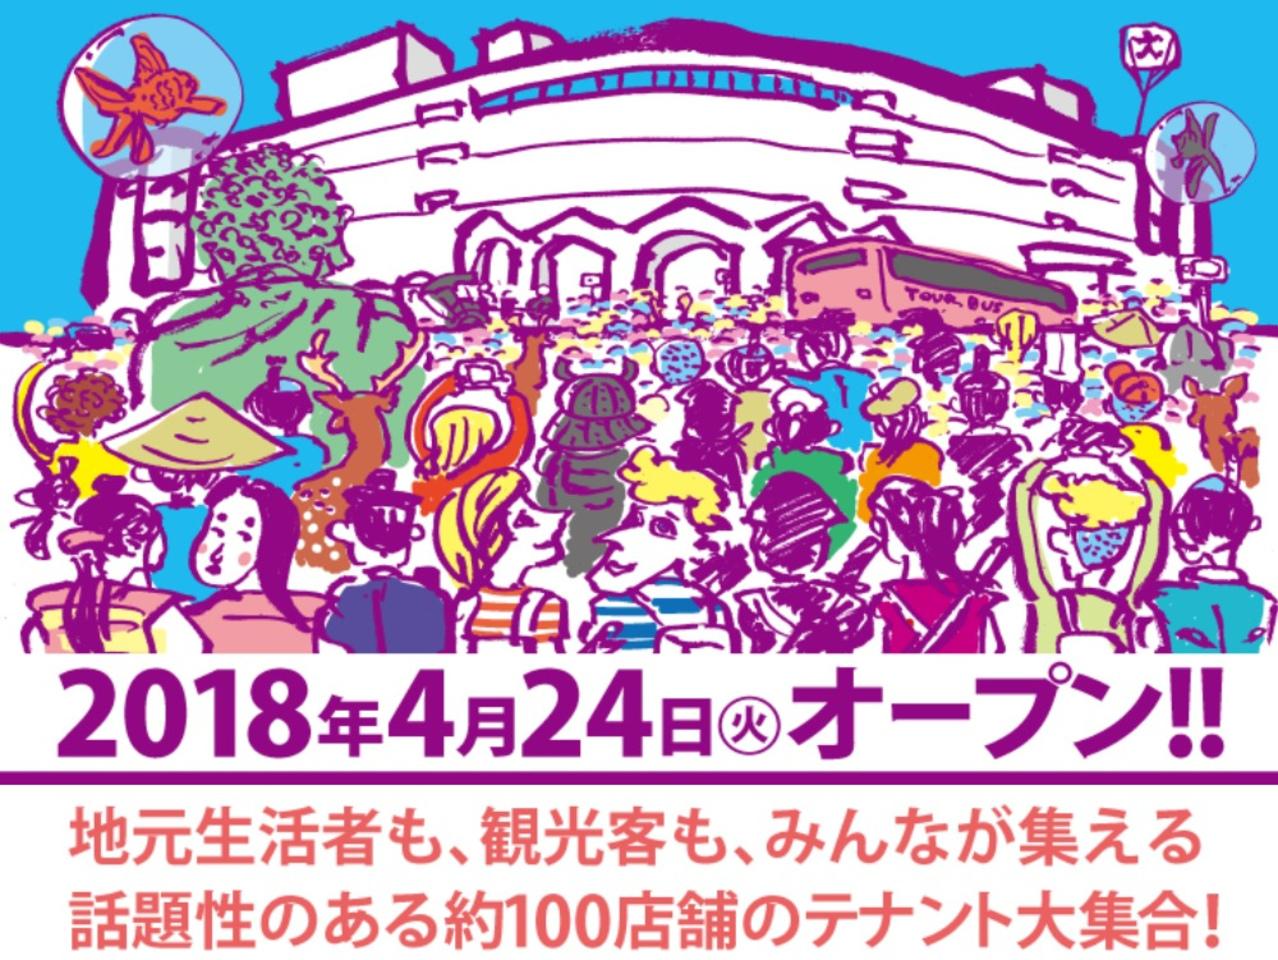 イトーヨーカドー奈良跡の商業施設「ミ・ナーラ」4月24日 GRAND OPEN!